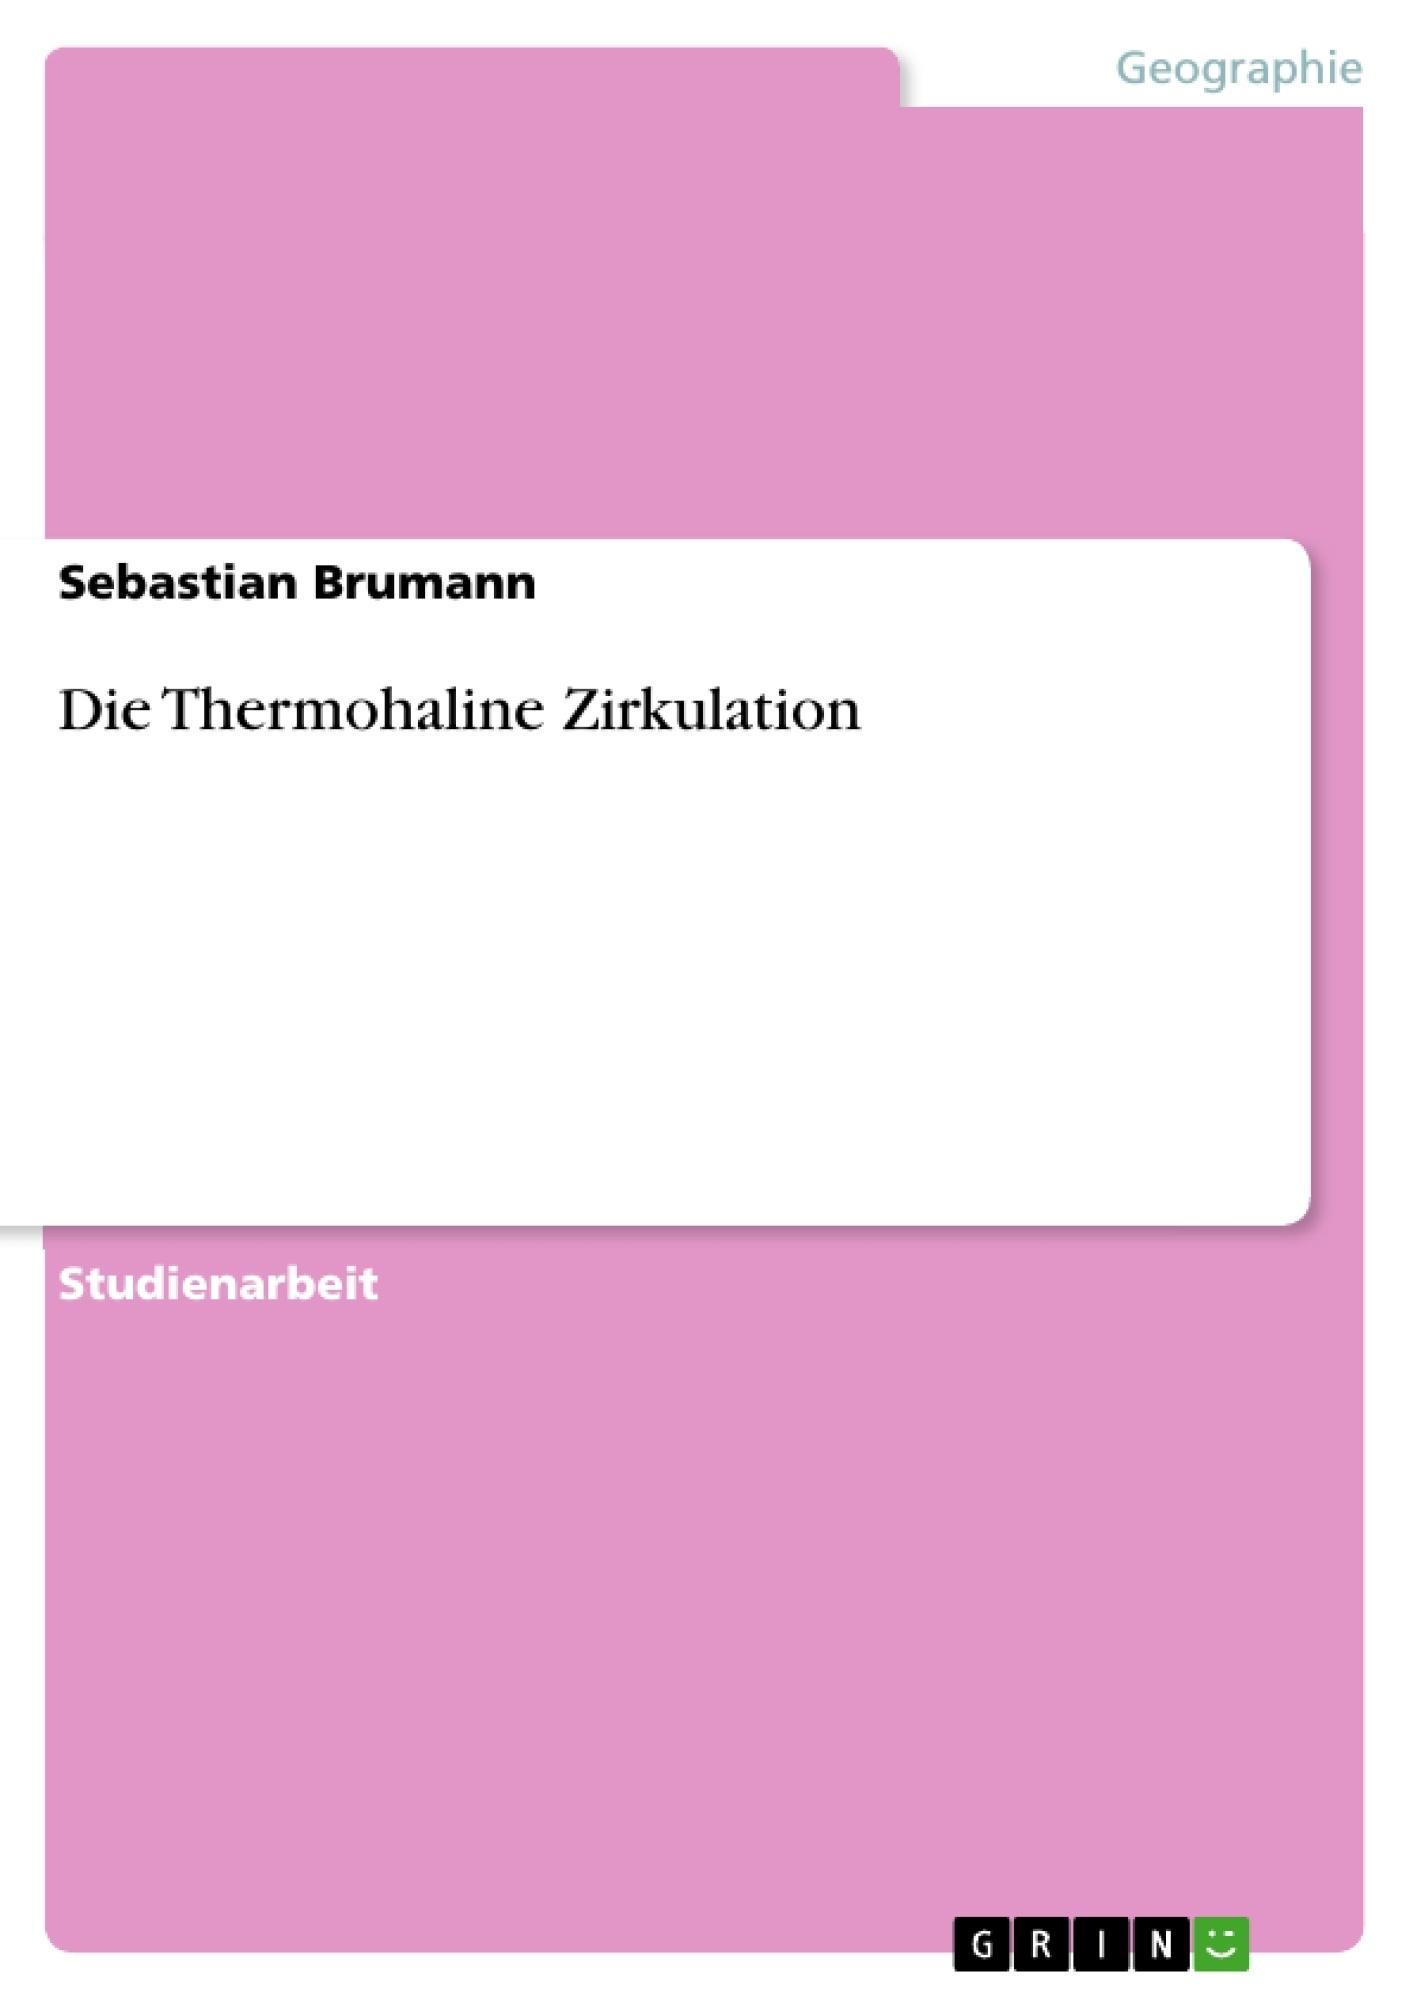 Titel: Die Thermohaline Zirkulation